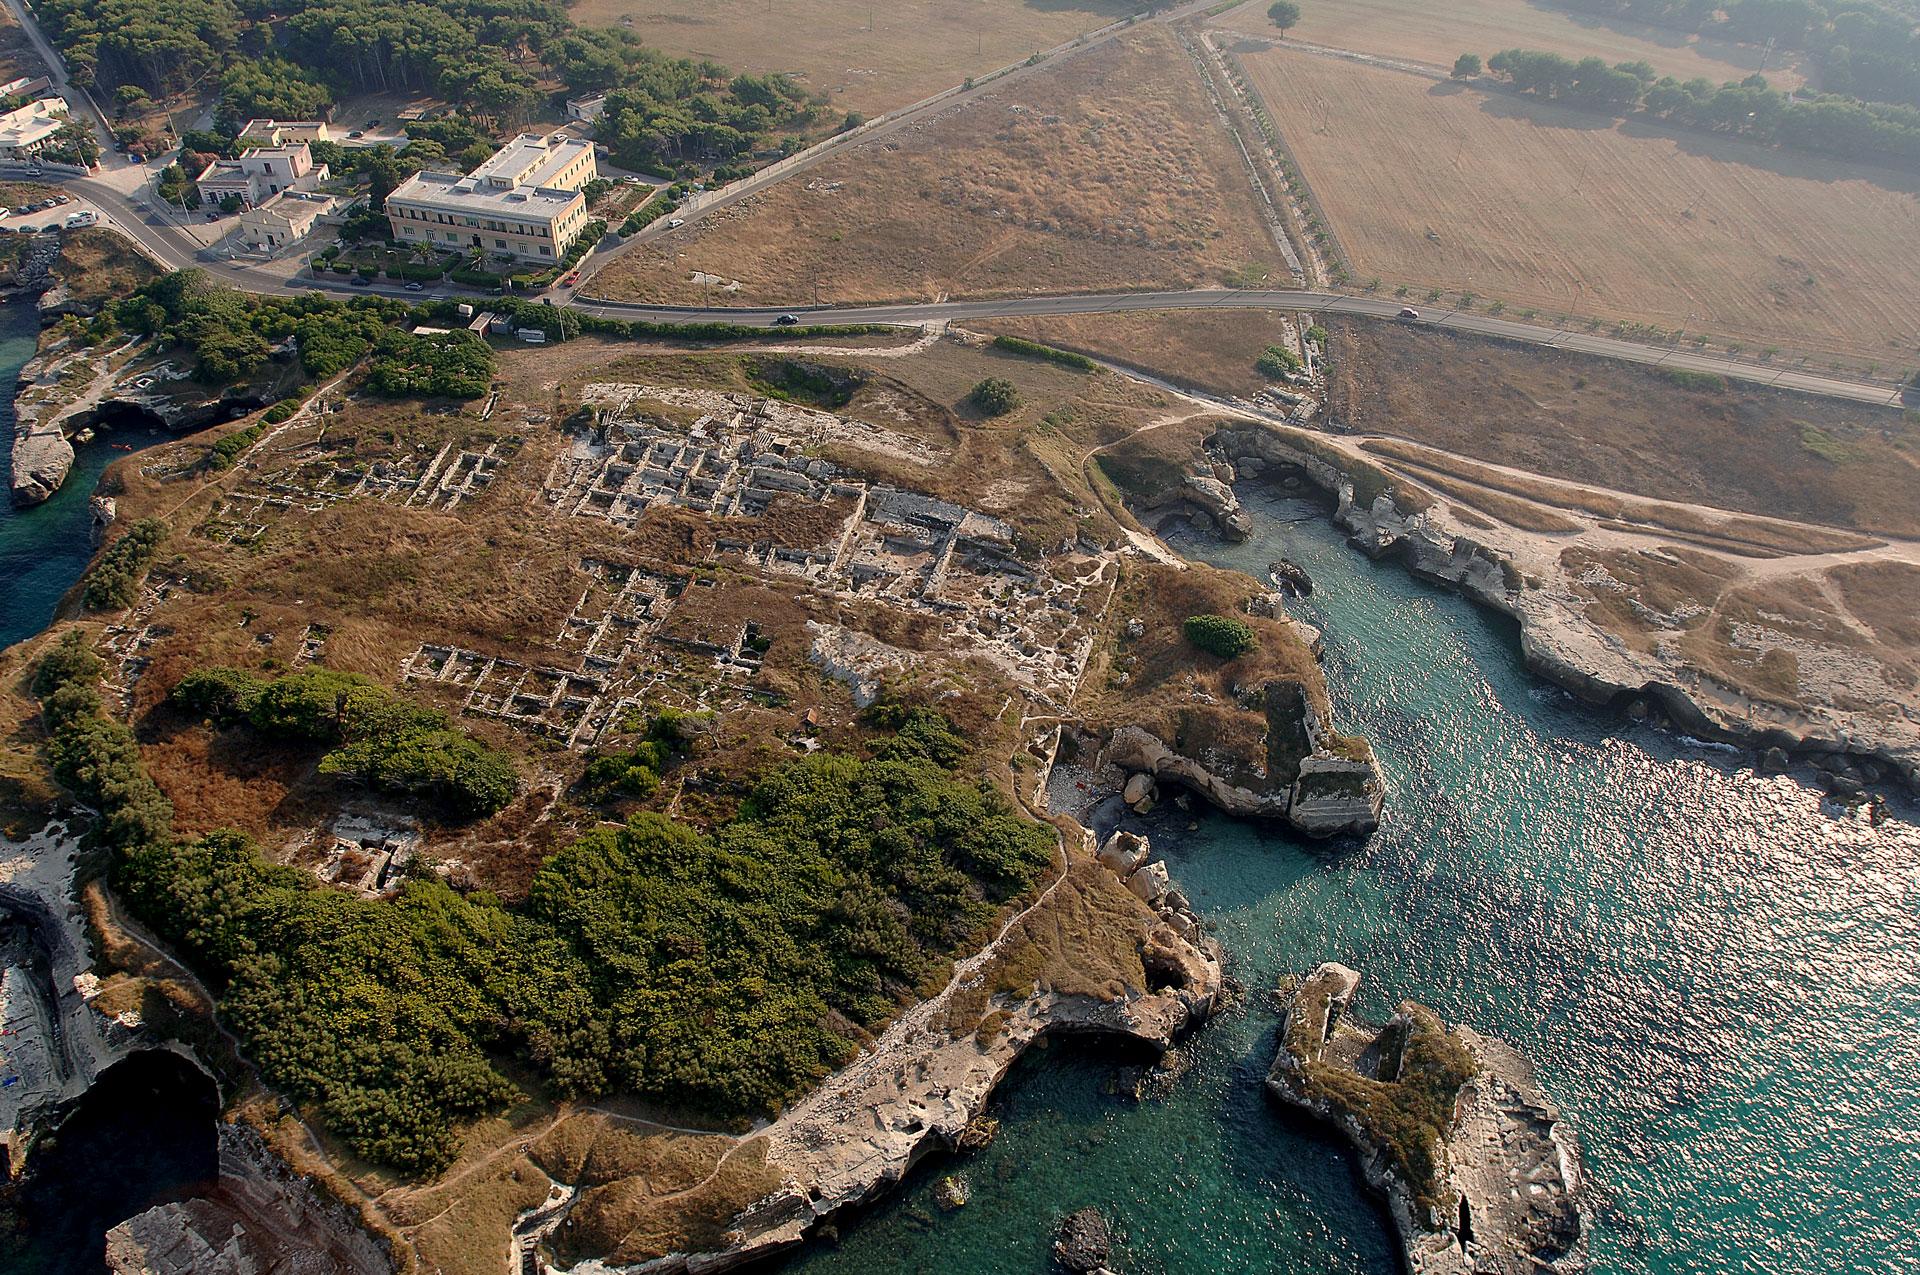 Parco archeologico melendugno